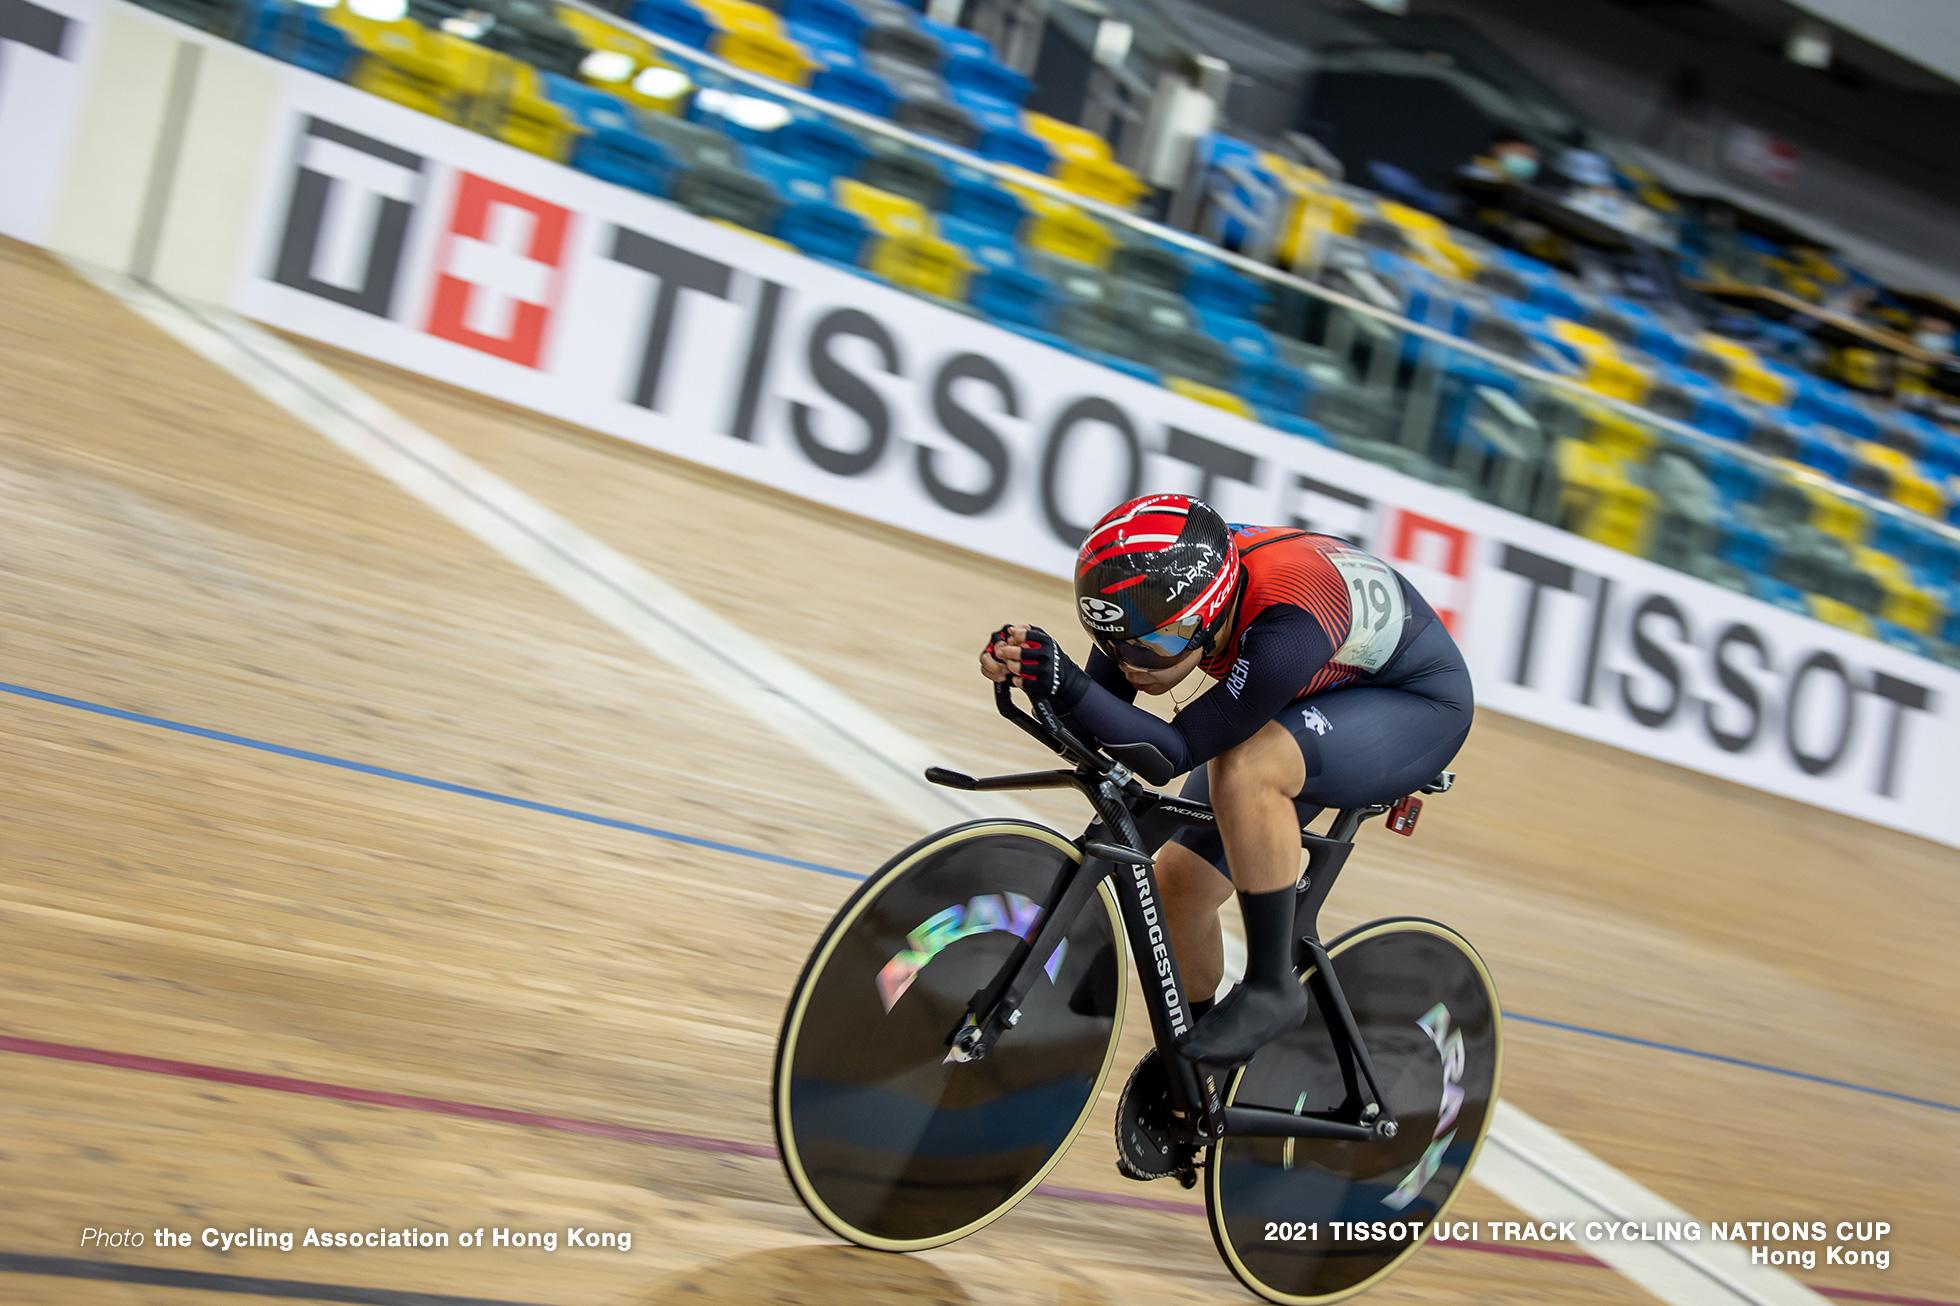 古山稀絵/Kie Furuyama, Women's Individual Pursuit, TISSOT UCI TRACK CYCLING NATIONS CUP - HONG KONG